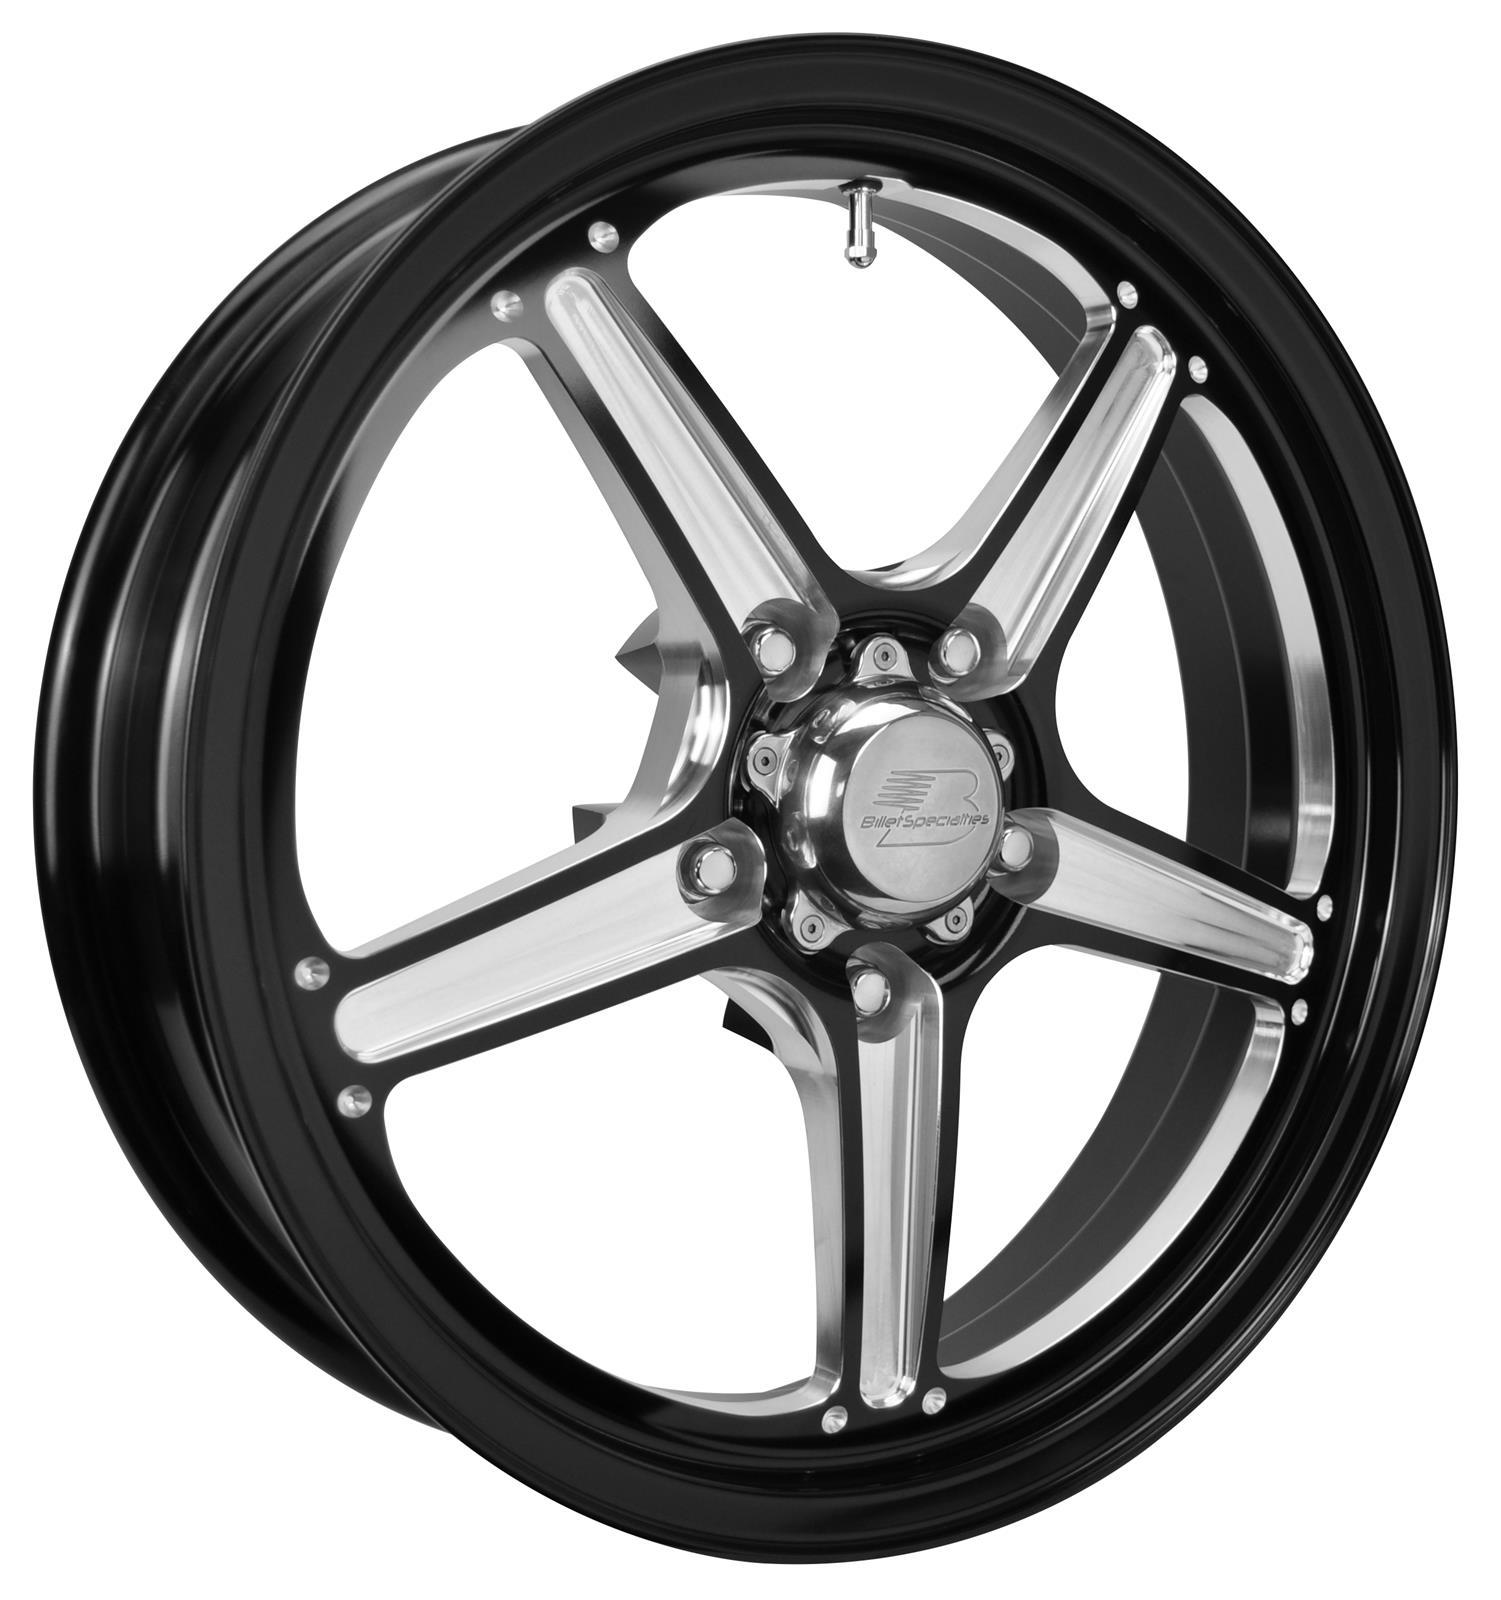 billet specialties street lite black wheels rsfb37456520n free Jeep CJ Custom Paint billet specialties street lite black wheels rsfb37456520n free shipping on orders over 99 at summit racing